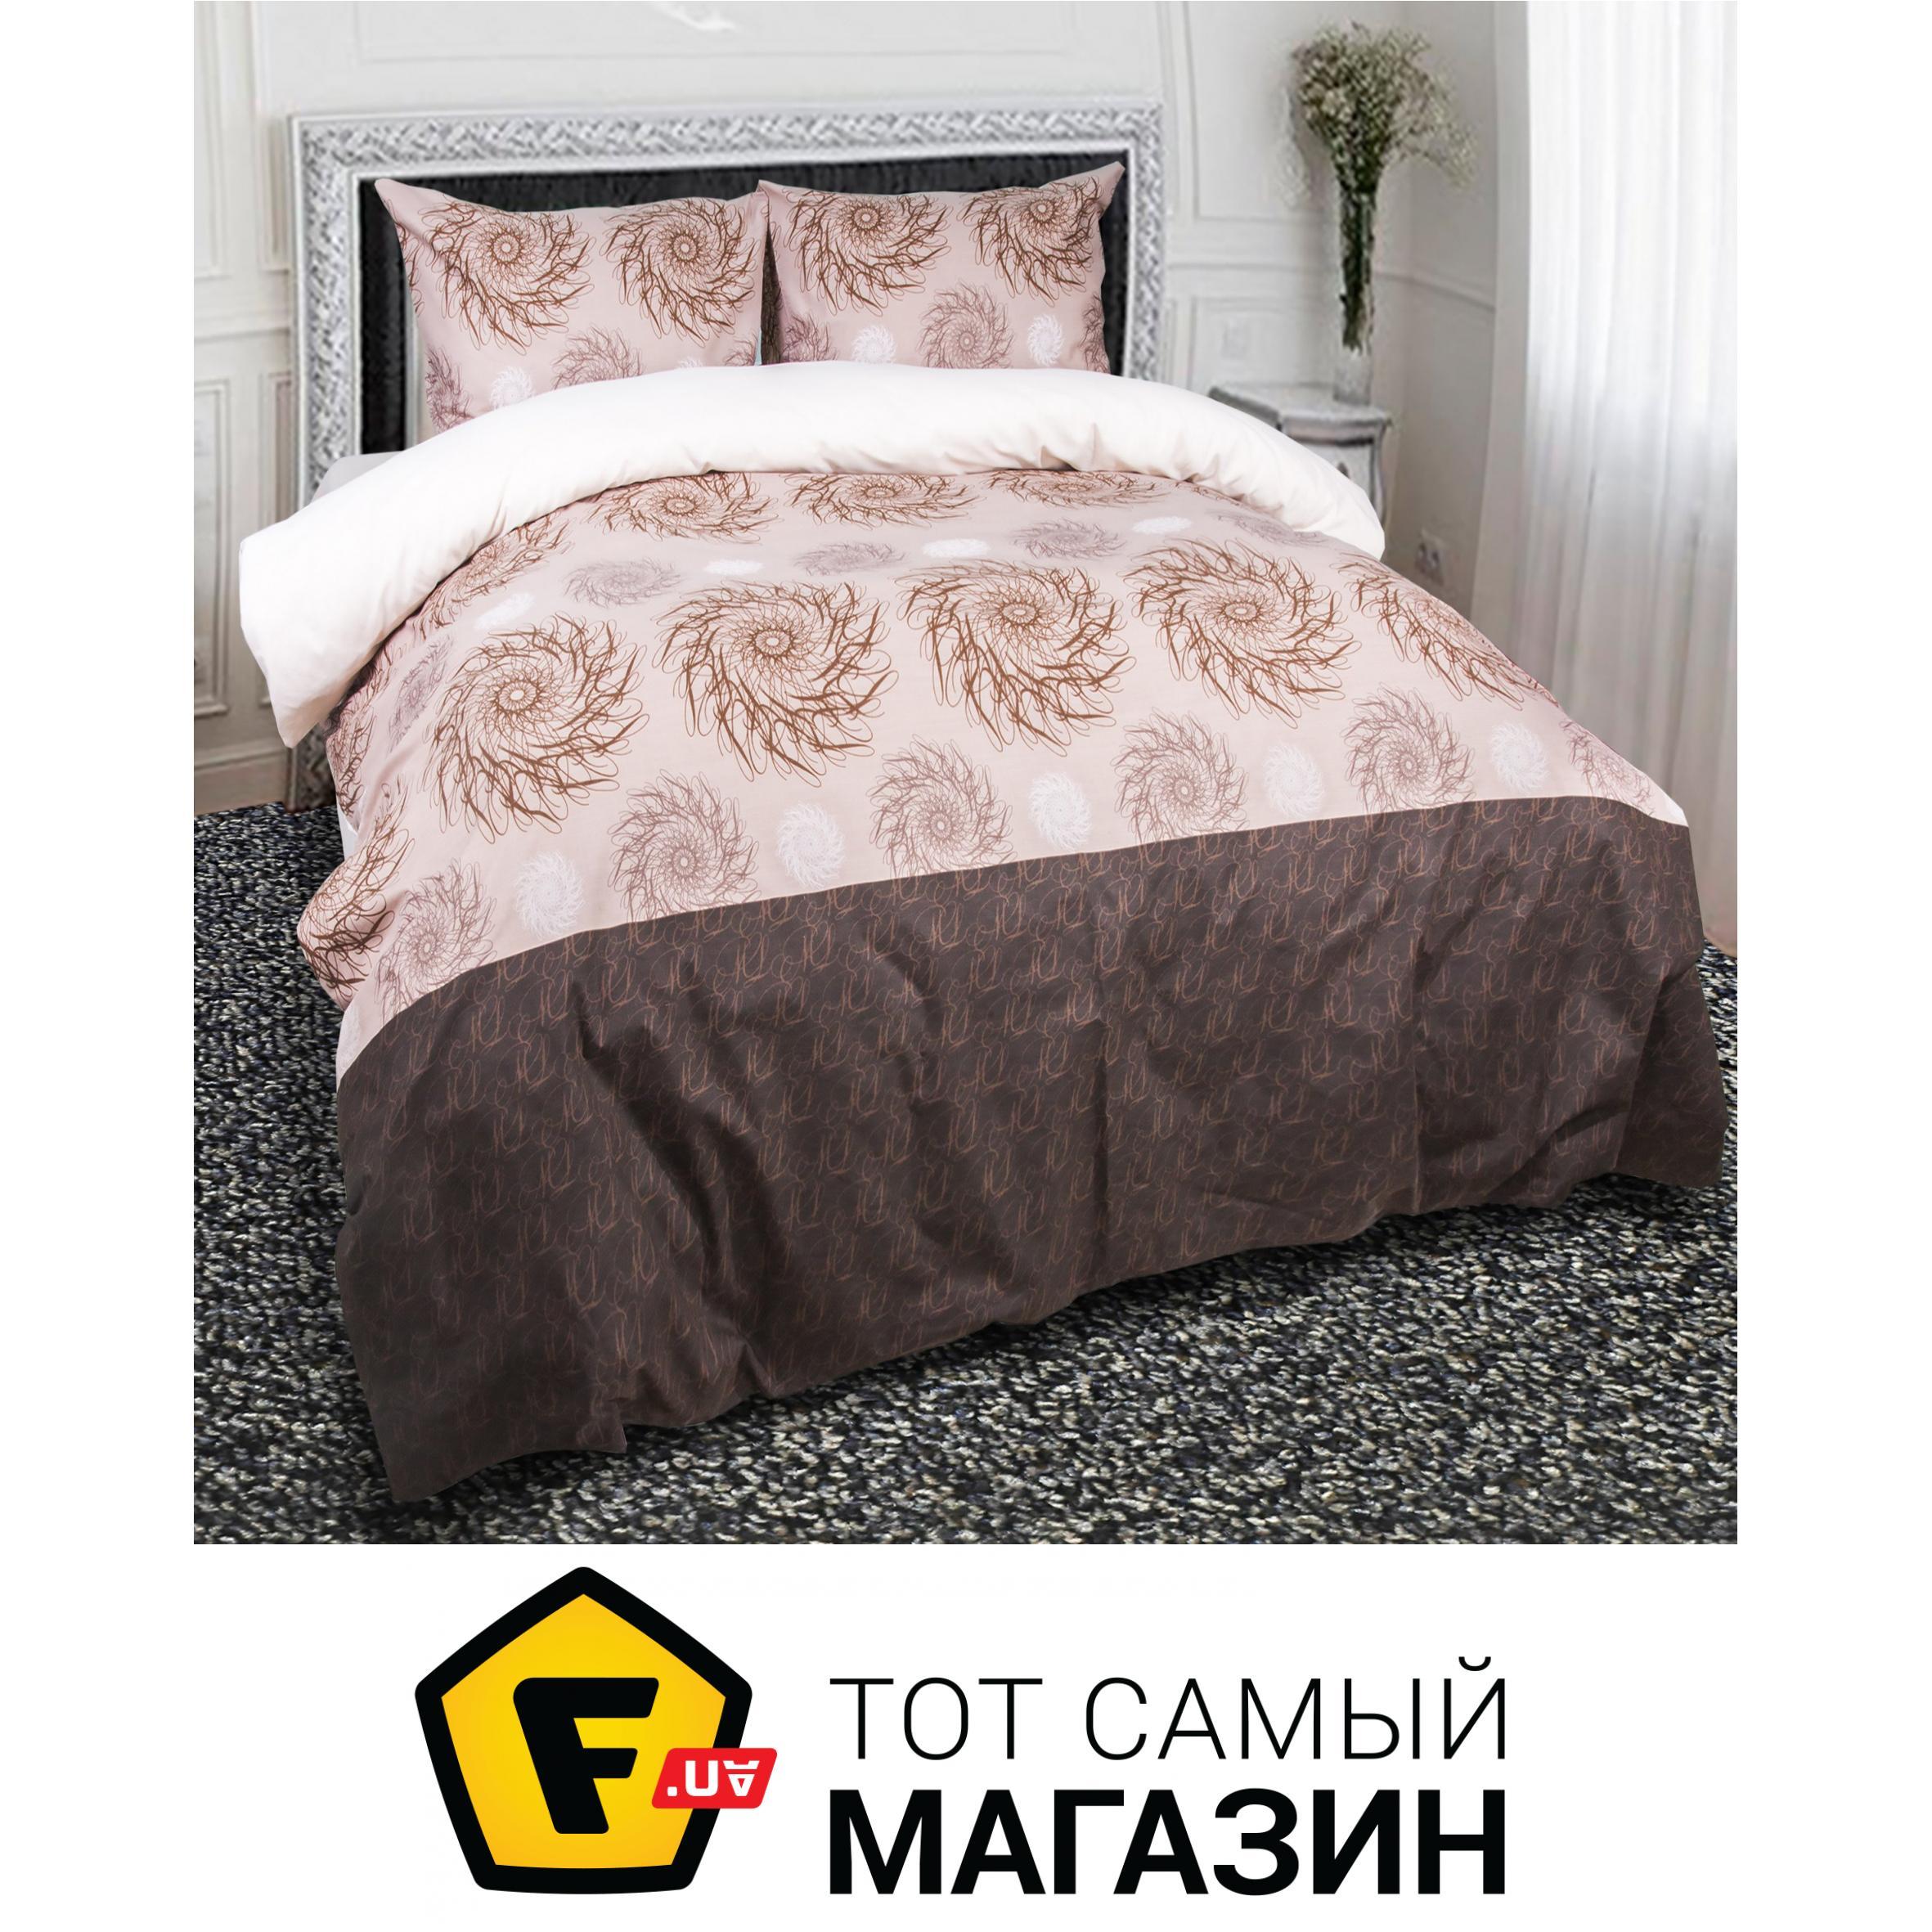 6f453a557ad7 Комплект постельного белья полуторный 150x215 см хлопок кофейный ТЕП Шейла,  полуторный (956)